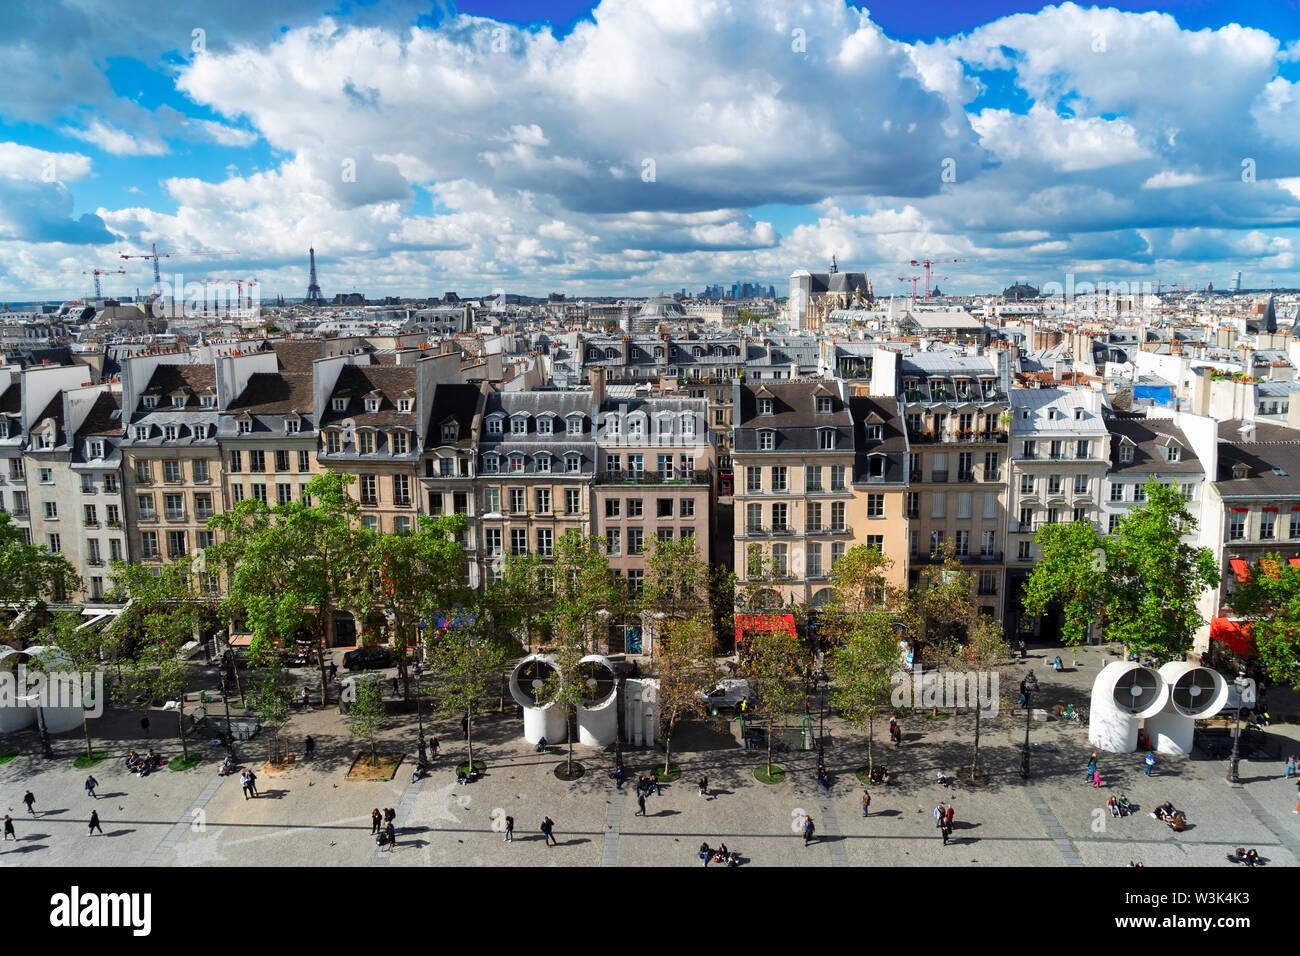 Square of Georges Pompidou, Paris - Stock Image